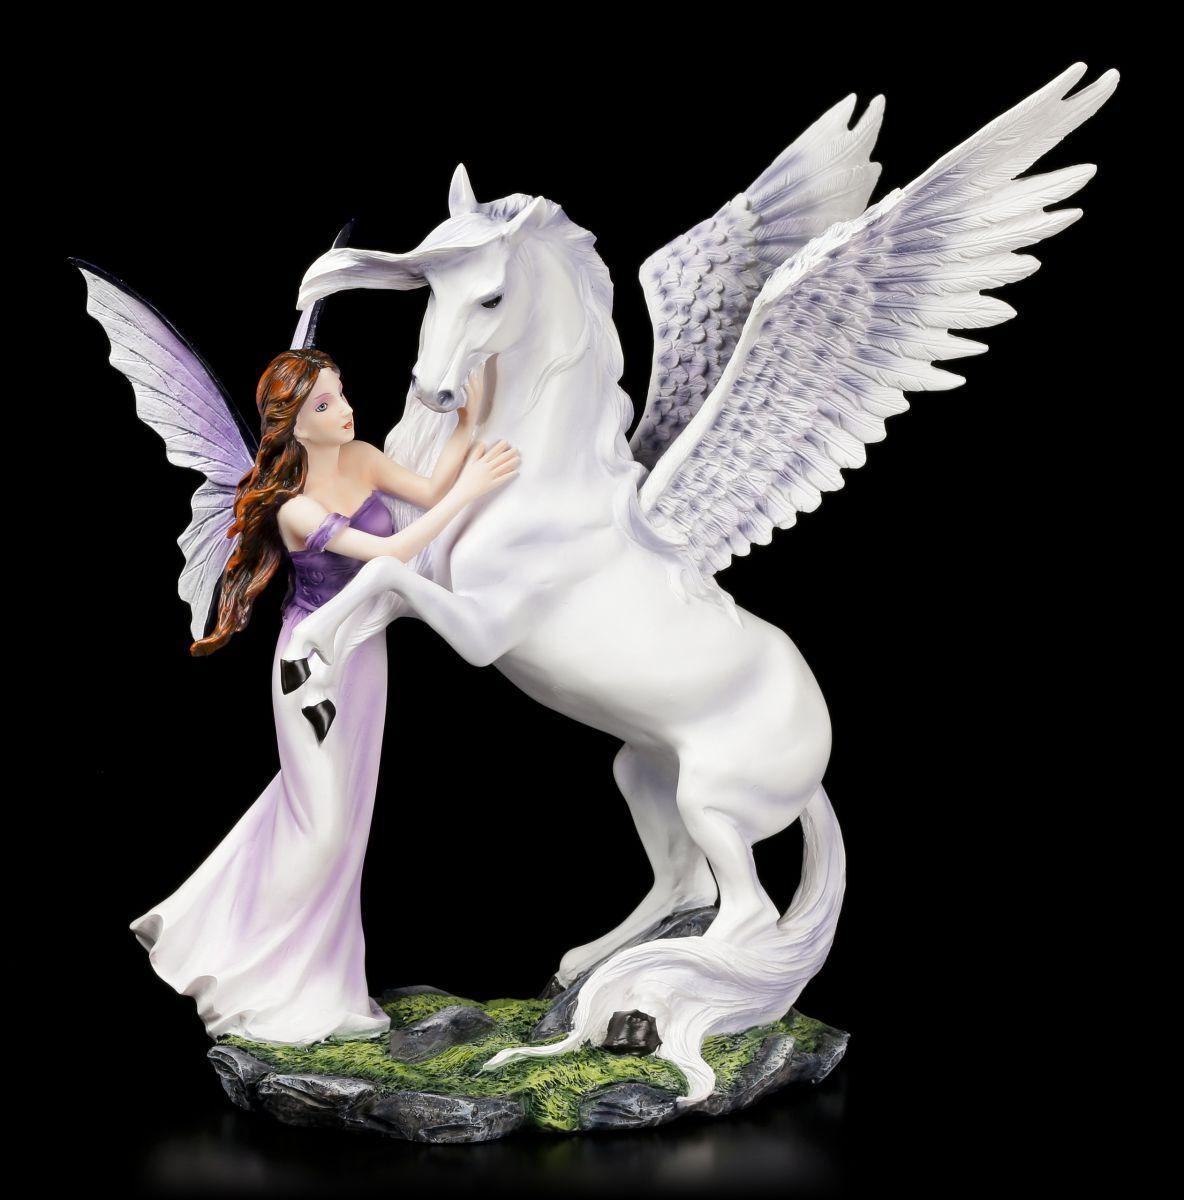 Figura Elfos -Eire con Pegasus - Hada Fantasy Estatua Decoración